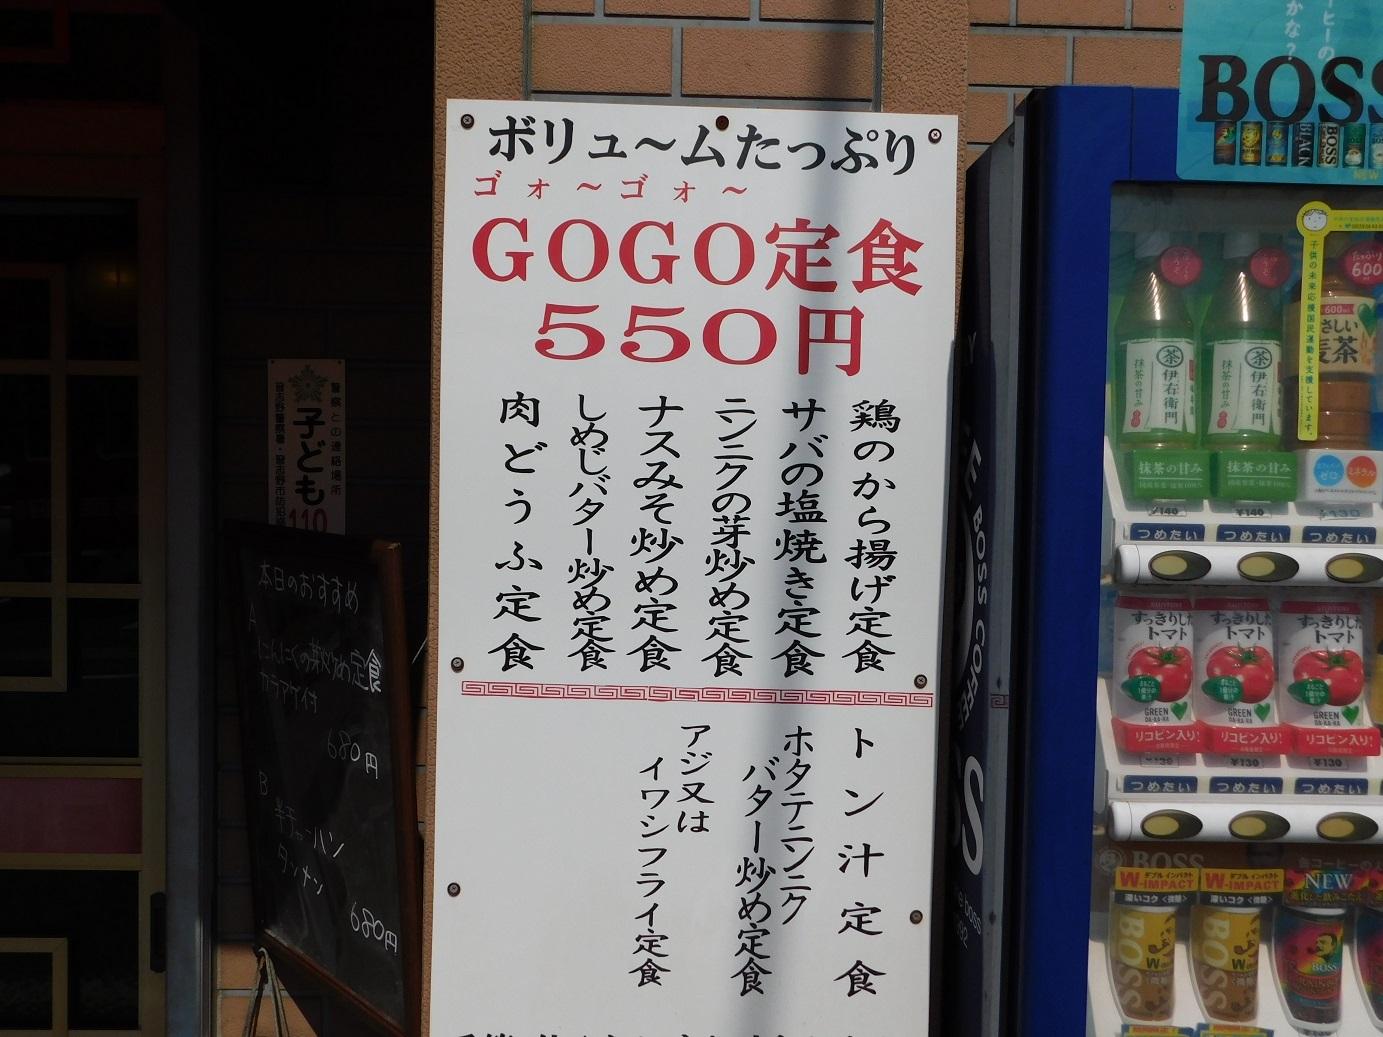 DsasaSCN6418.jpg